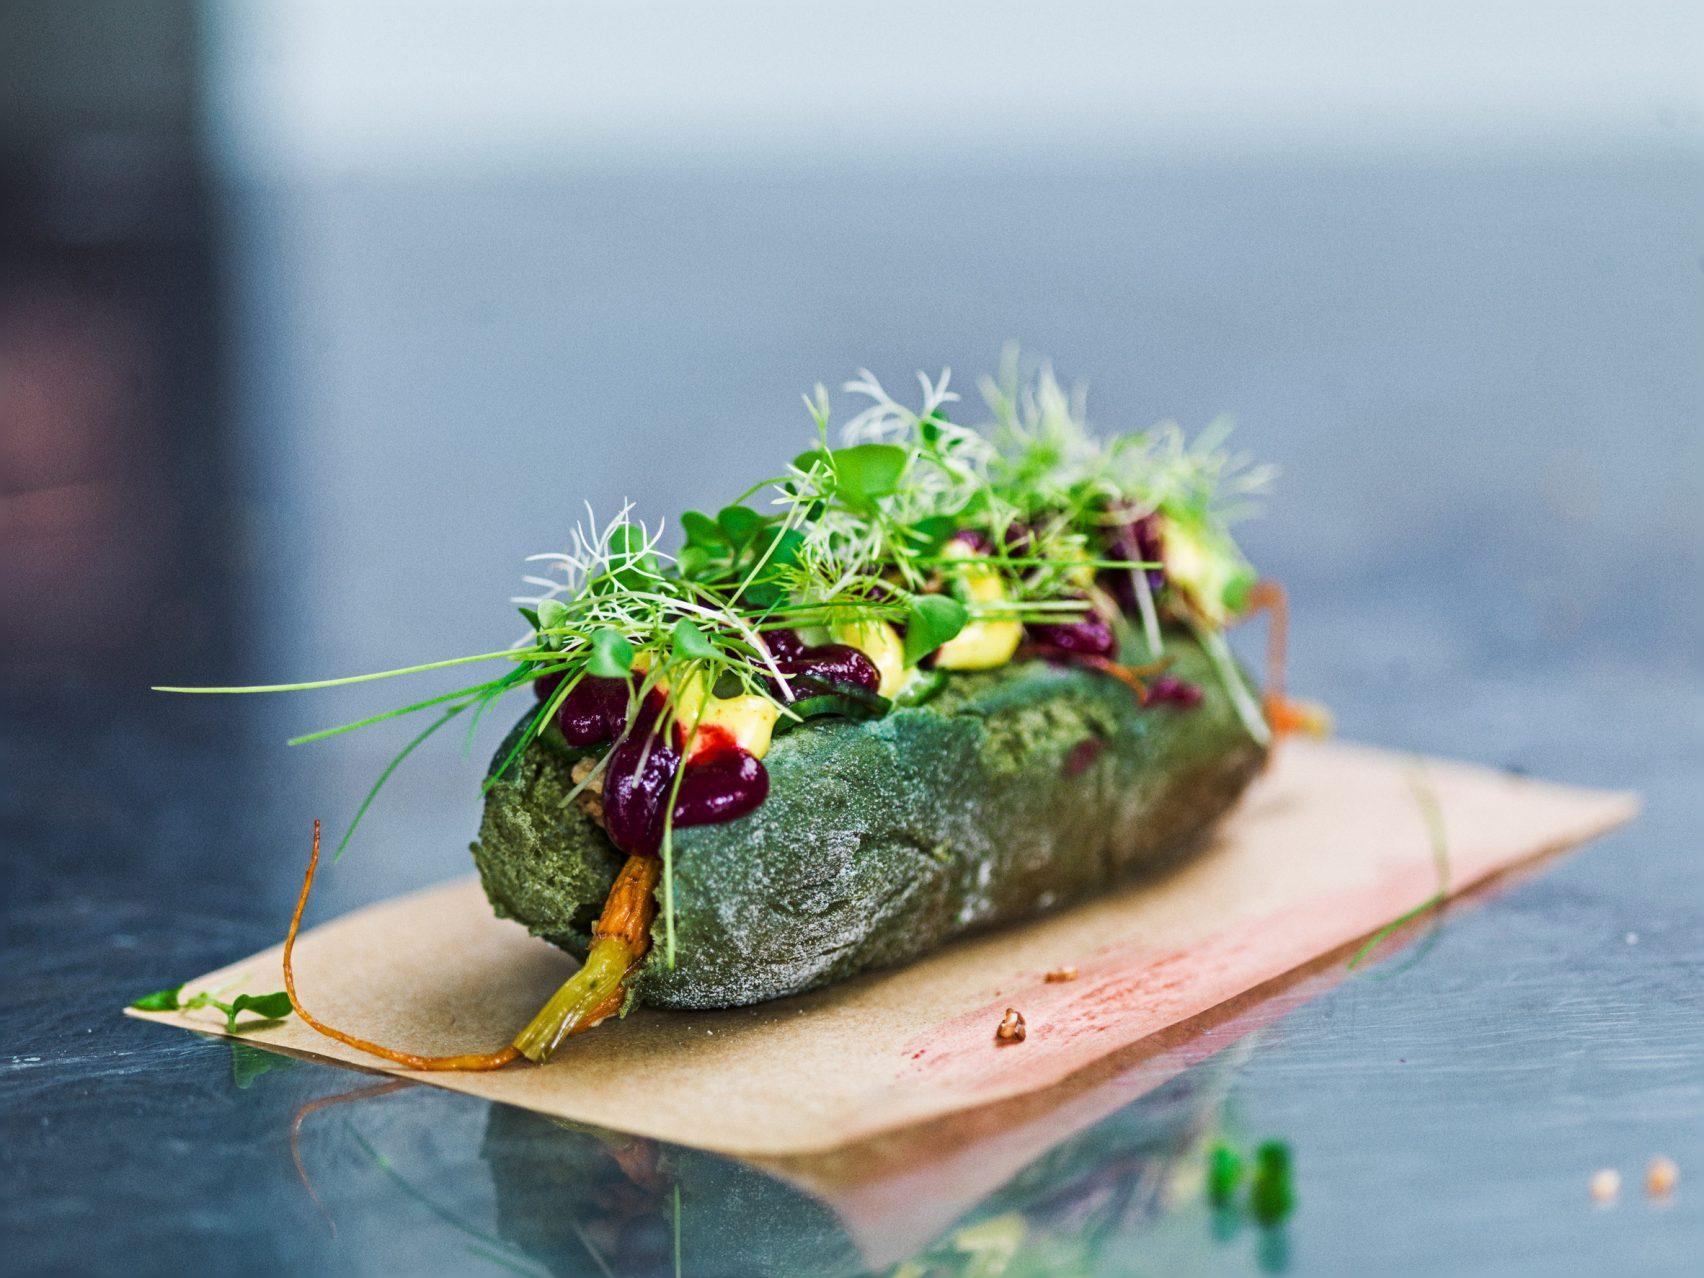 Еда будущего - новые технологии для индустрии фаст-фуда